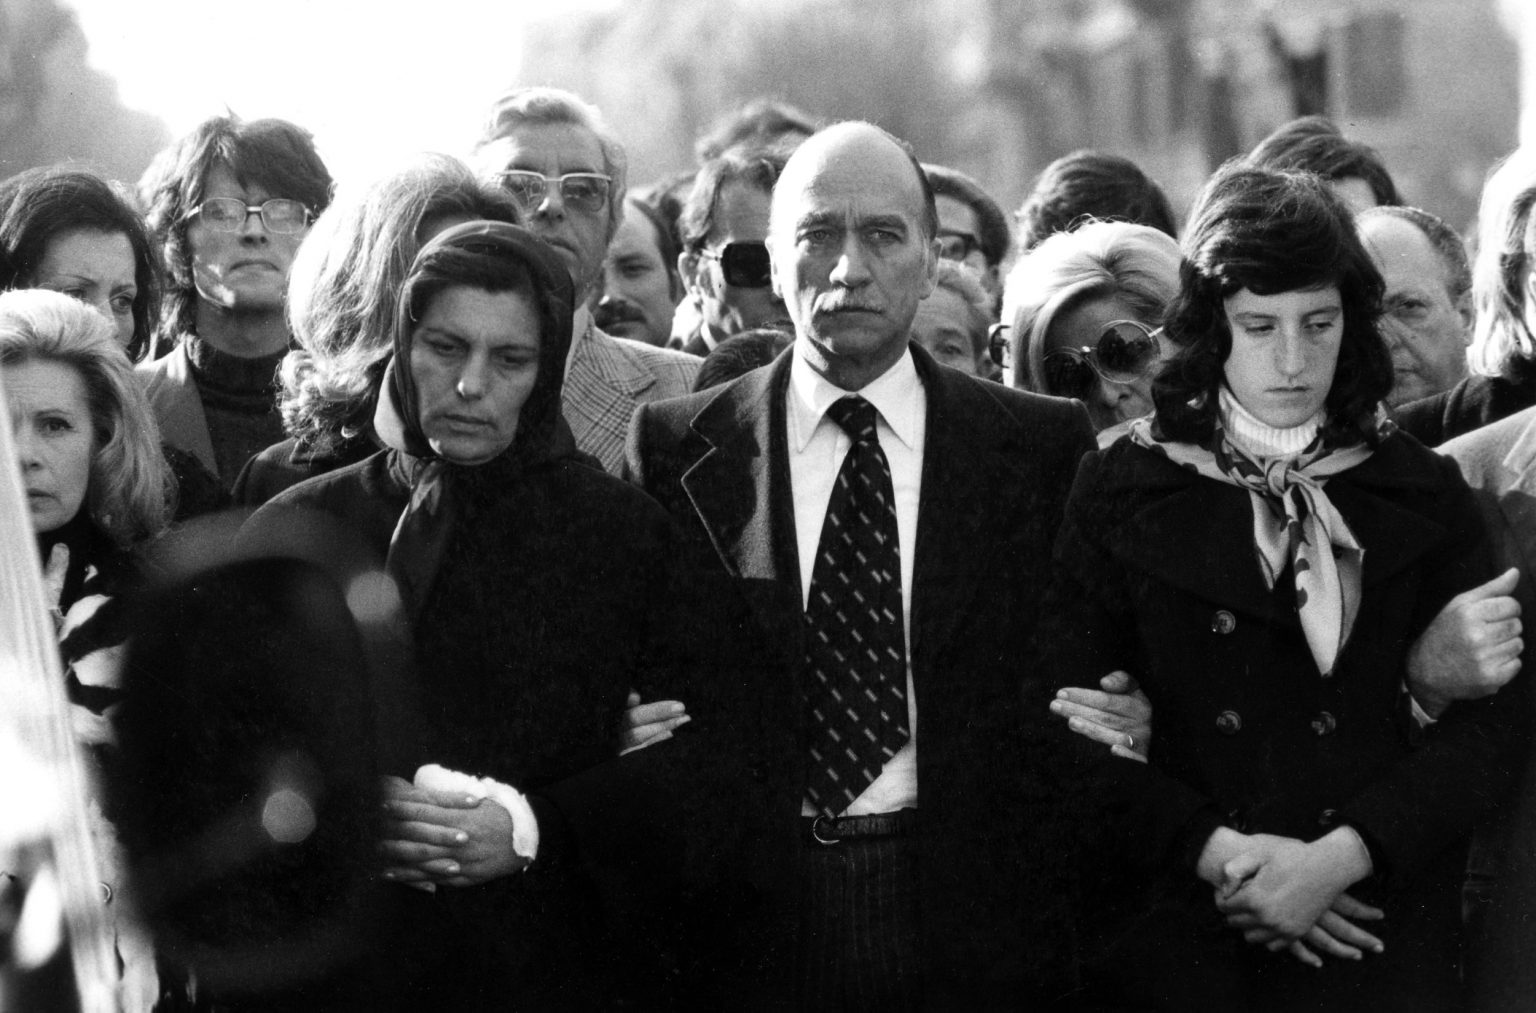 primavalle-omicidio-fratelli-mattei-funerali-fratelli-mattei-giorgio-almirante-con-la-signora-anna-maria-mattei